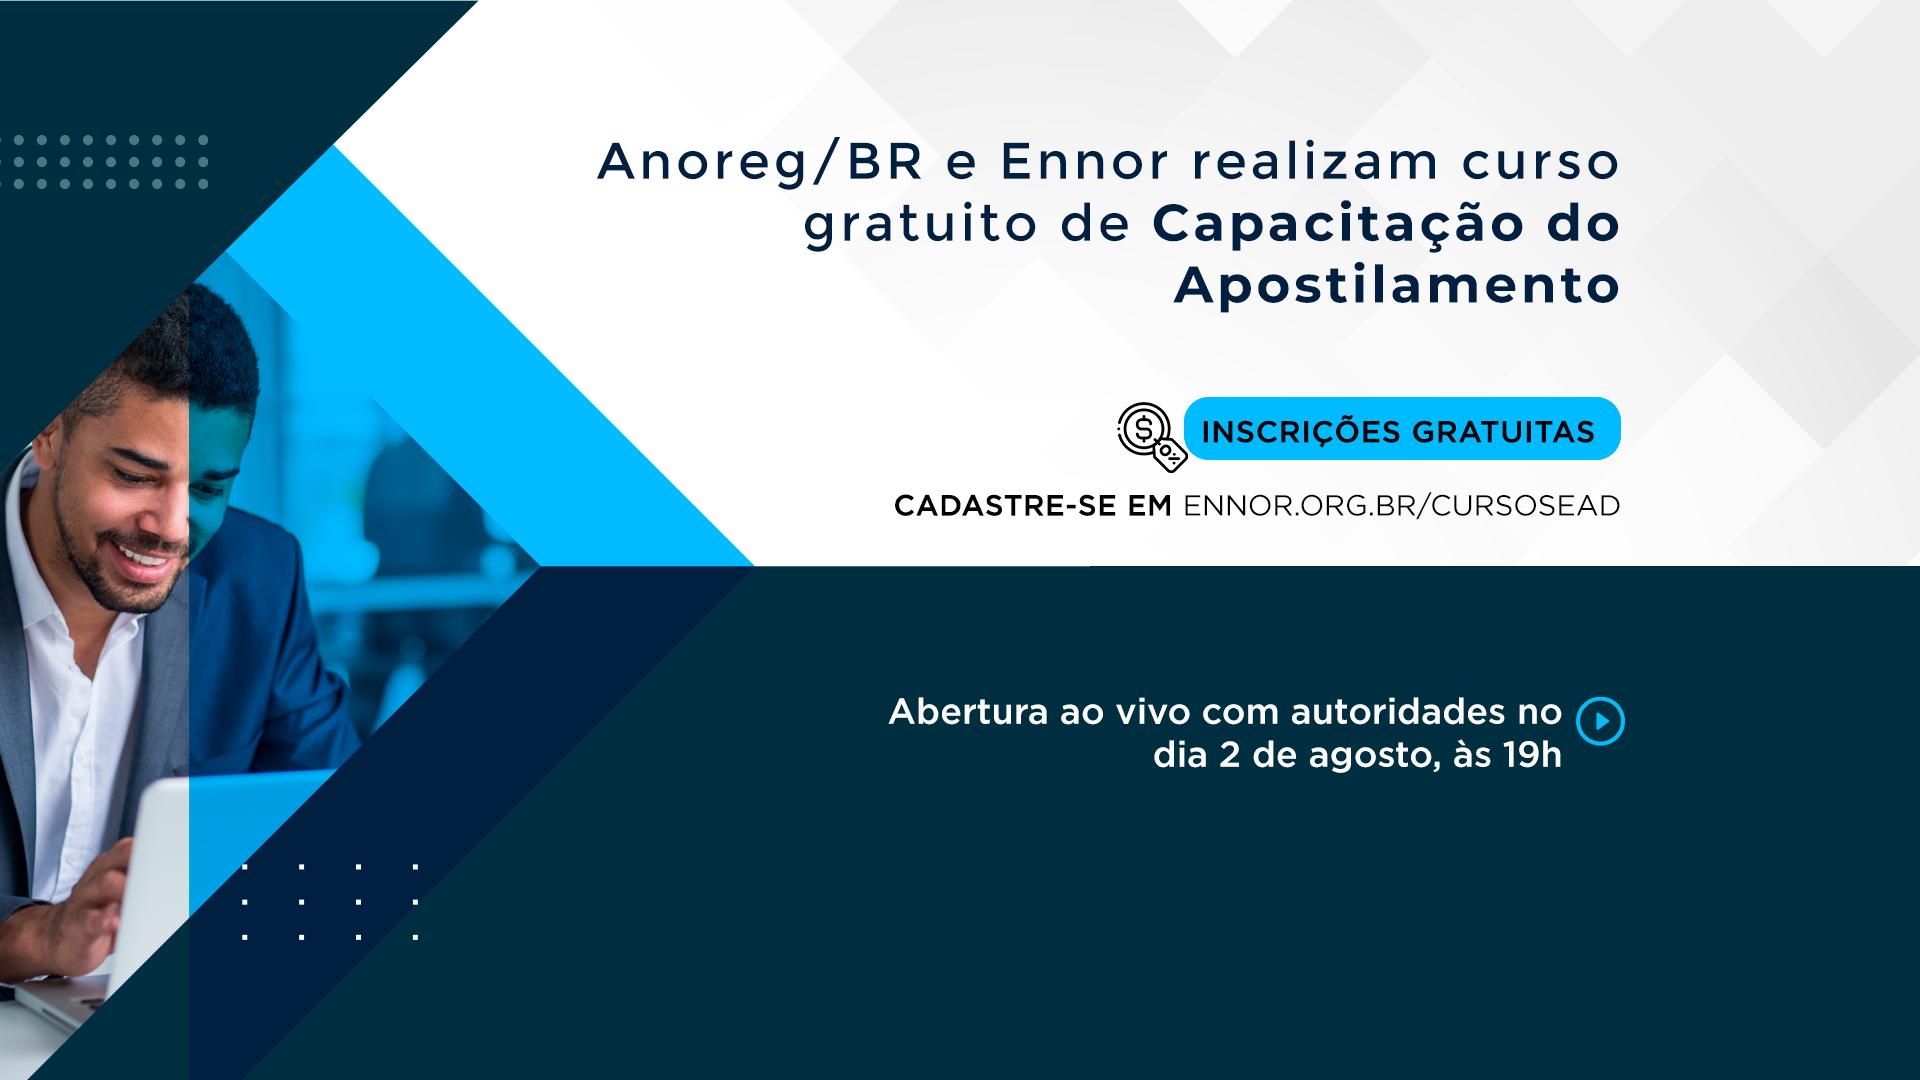 Clipping – AnoregBR – Anoreg/BR E Ennor Realizam Curso Gratuito De Capacitação Do Apostilamento (Haia)